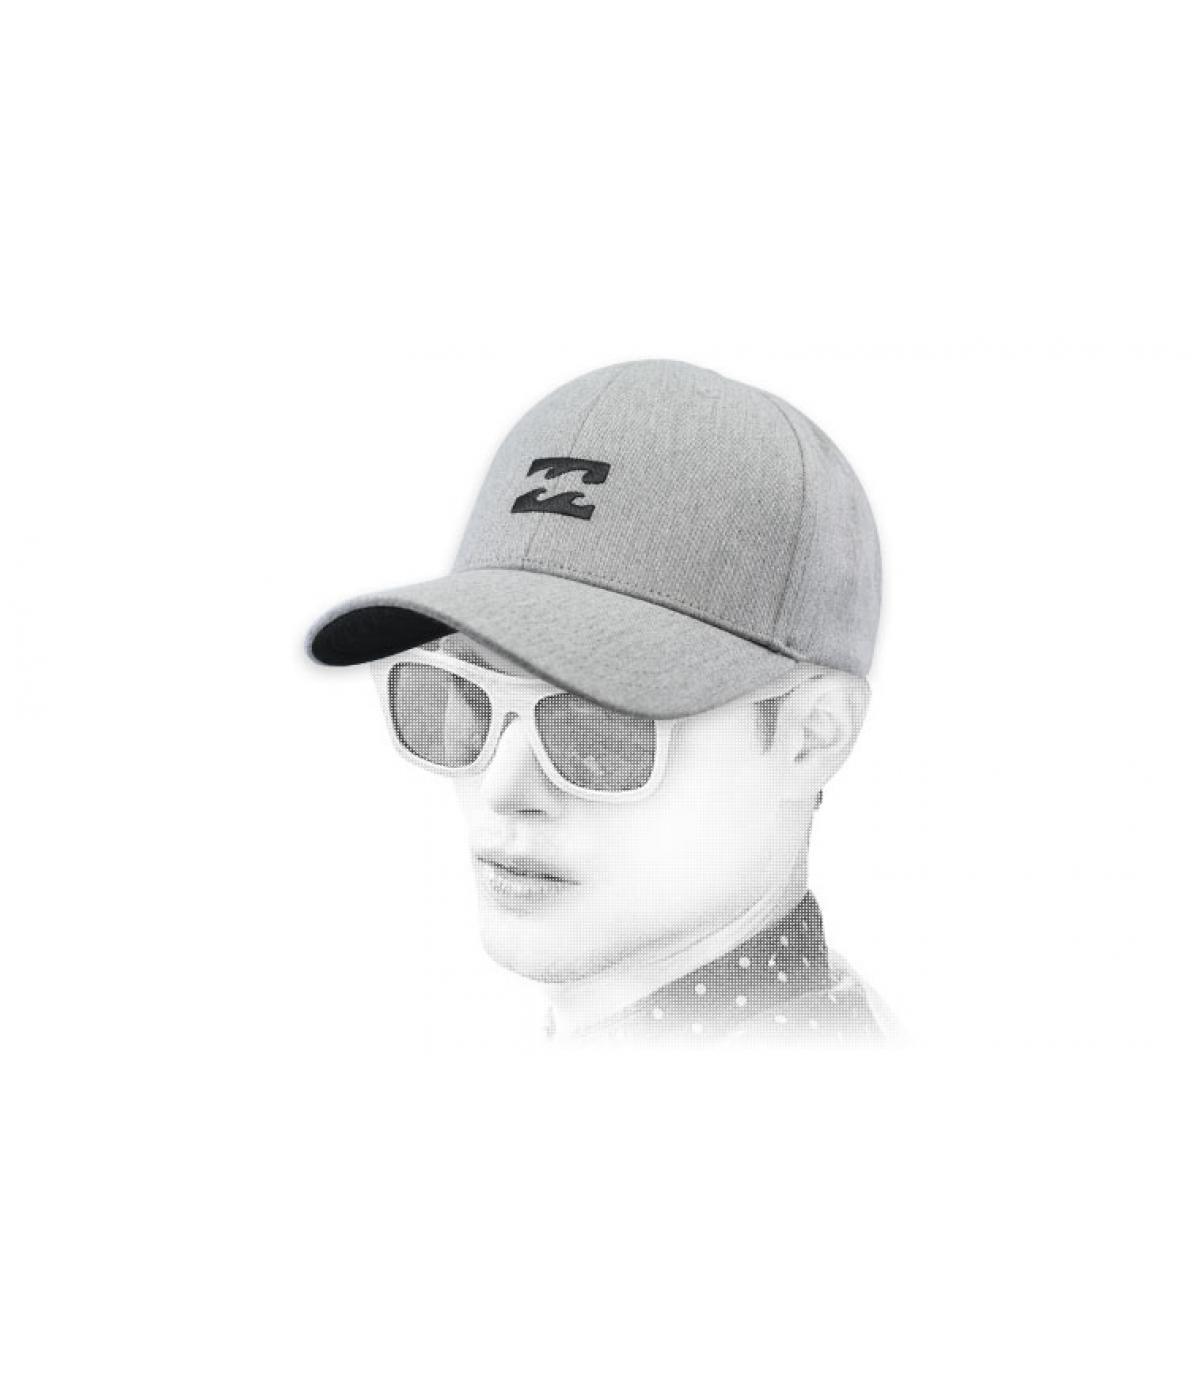 Cappellino di erica grigia di Billabong